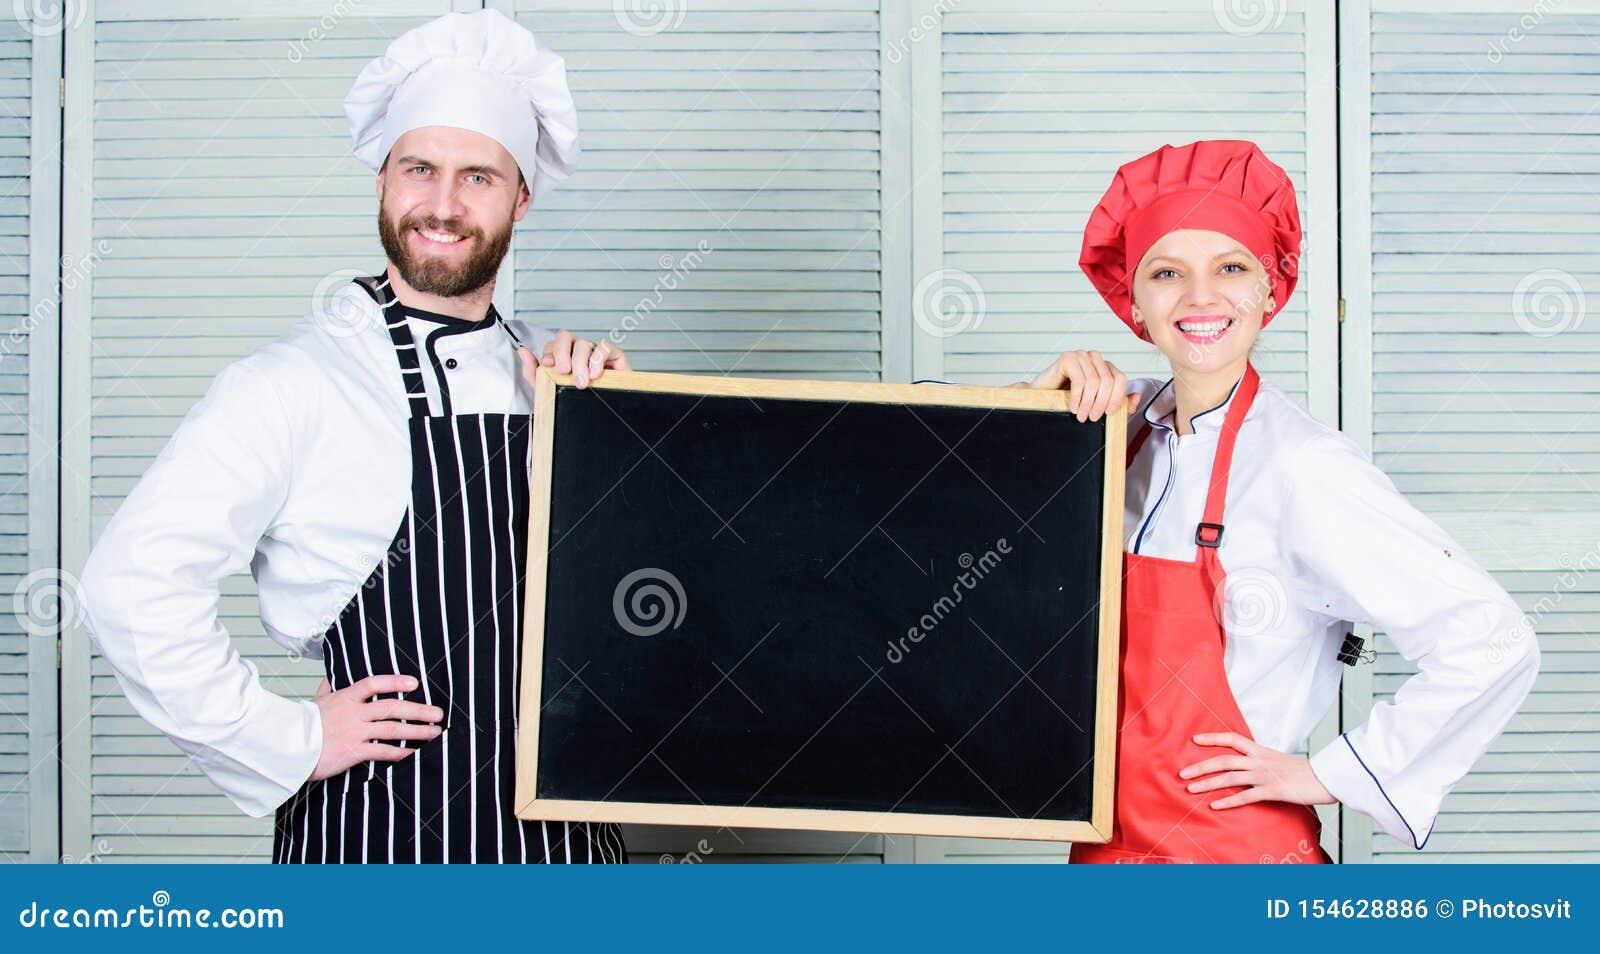 通过烹饪学习烹饪 厨师和厨女,上烹饪课 一对空着的男女